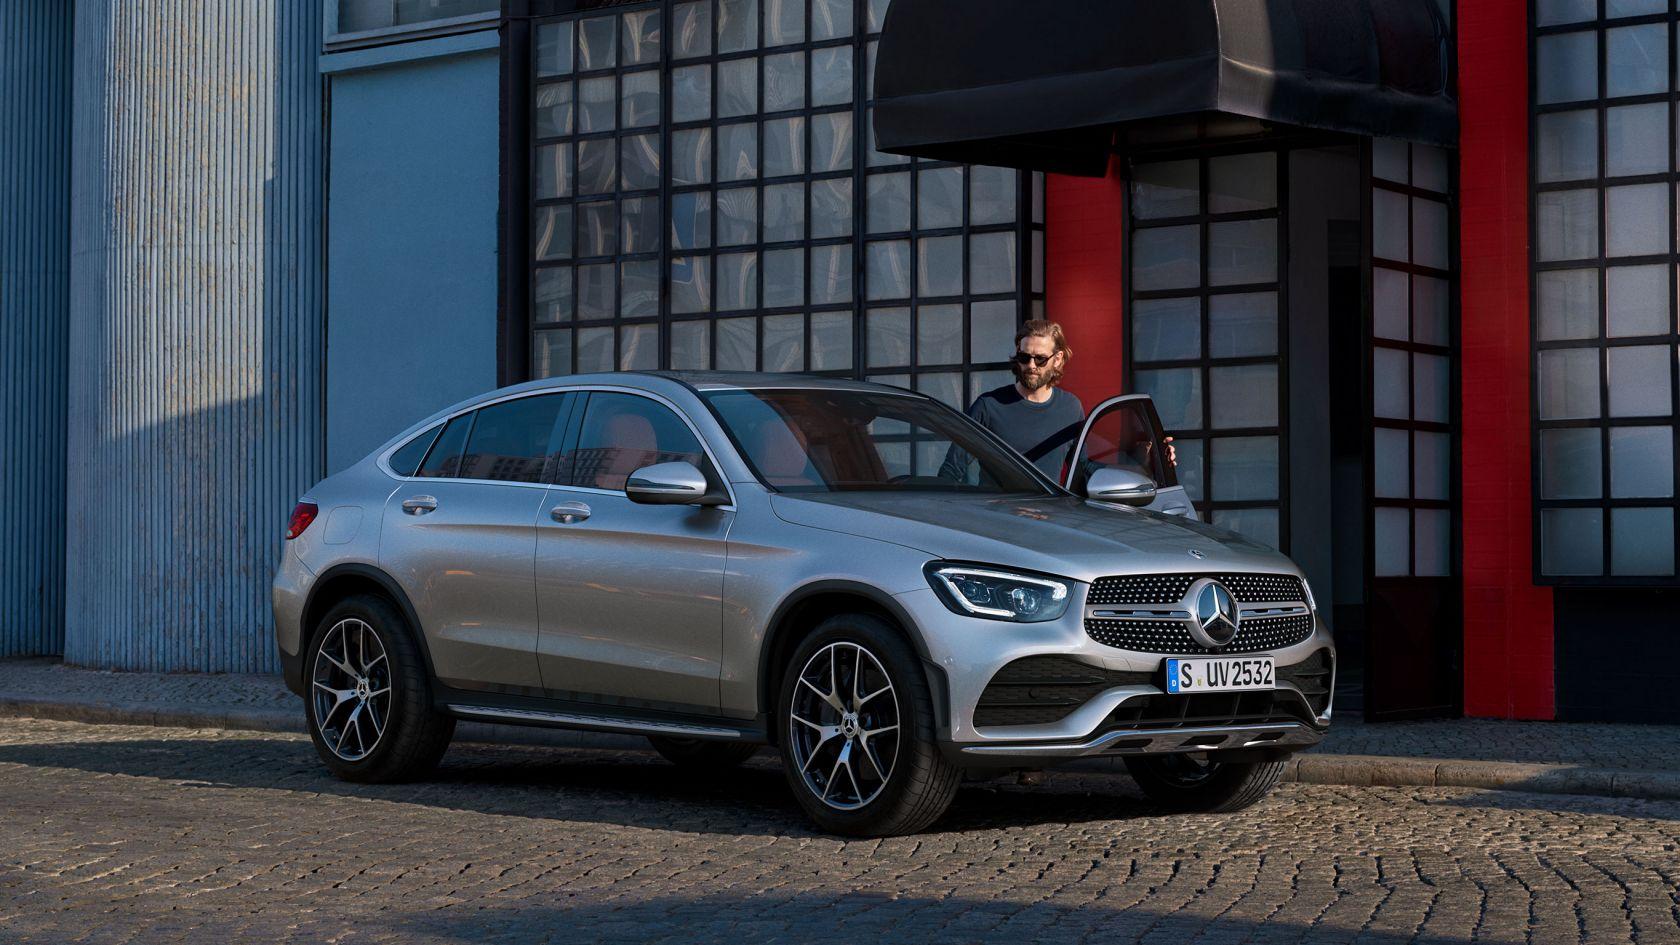 Hình ảnh xe Mercedes-Benz GLC Coupé nhìn chếch từ phía trước.